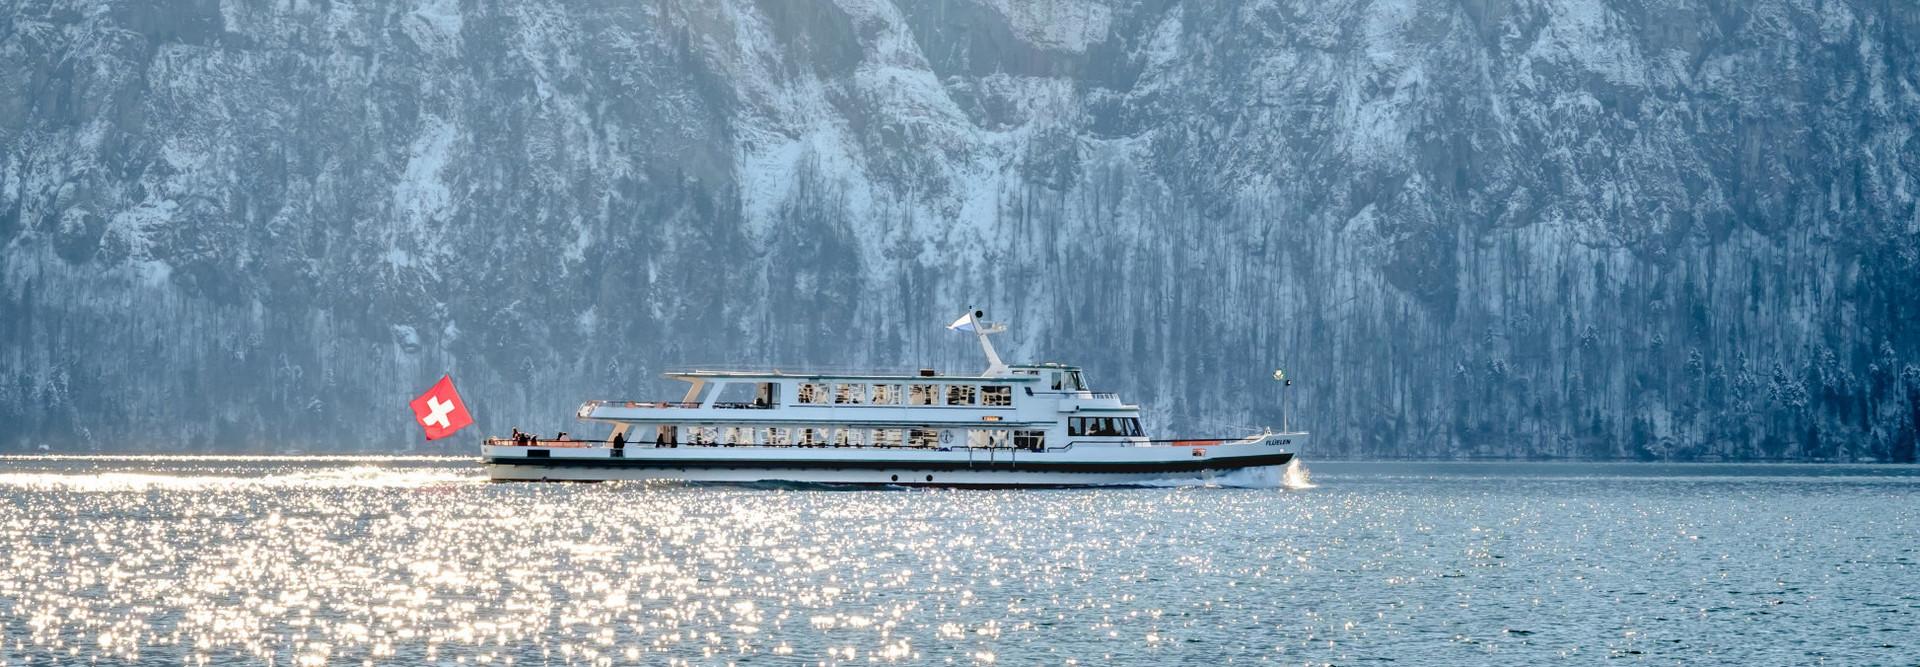 Ein Motorschiff der Schifffahrtsgesellschaft des Vierwaldstättersees (SGV) AG fährt im Winter auf dem Vierwaldstättersee.